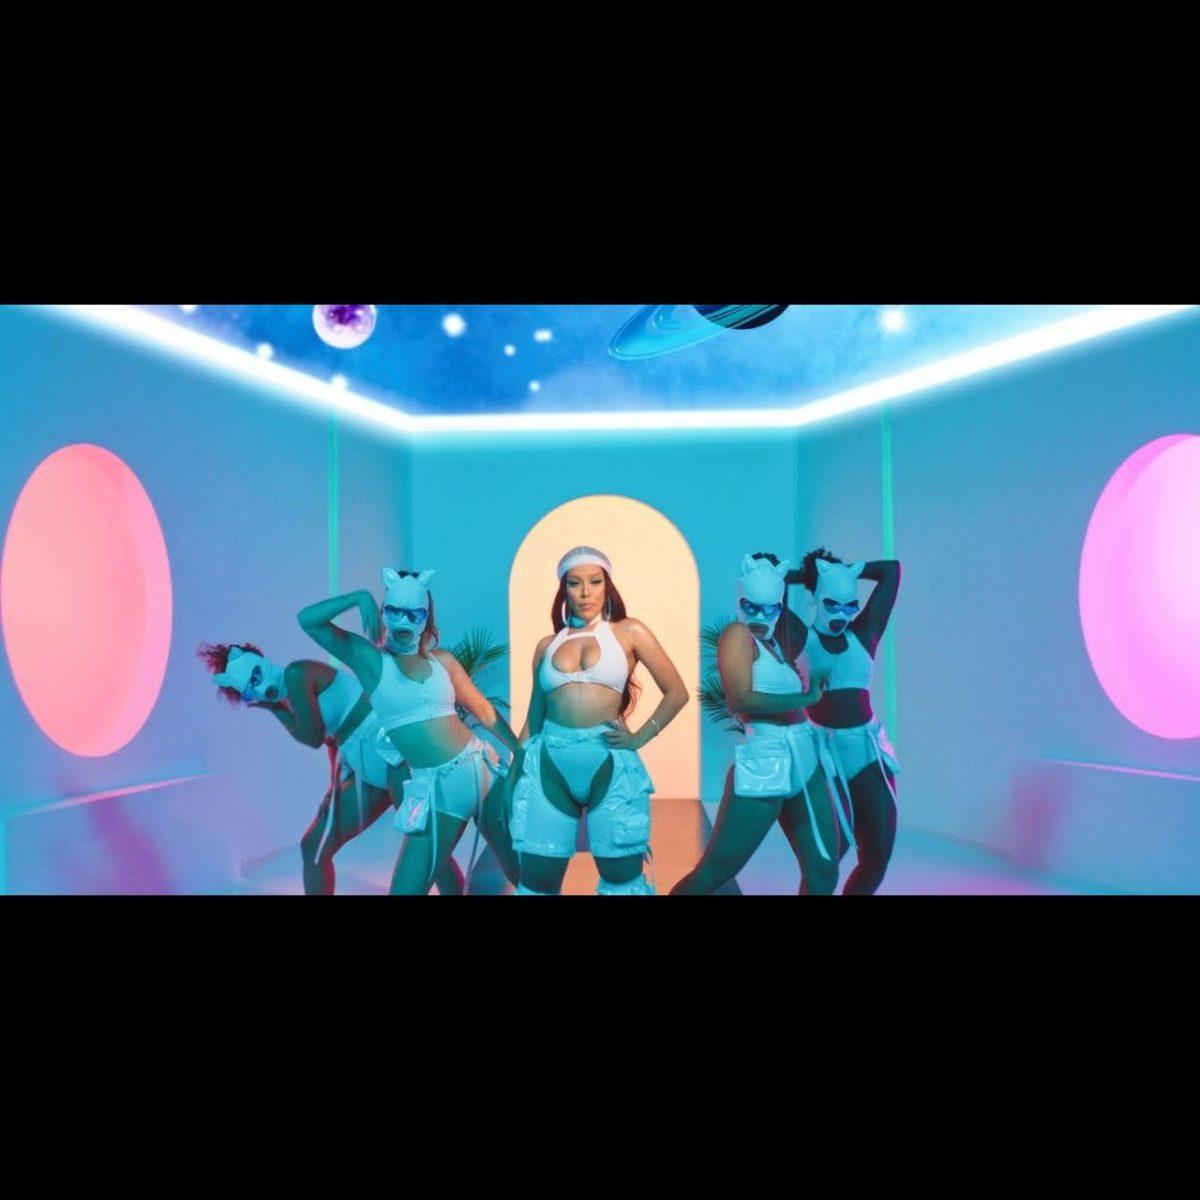 Doja Cat - Like That (ft. Gucci Mane) (Thumbnail)